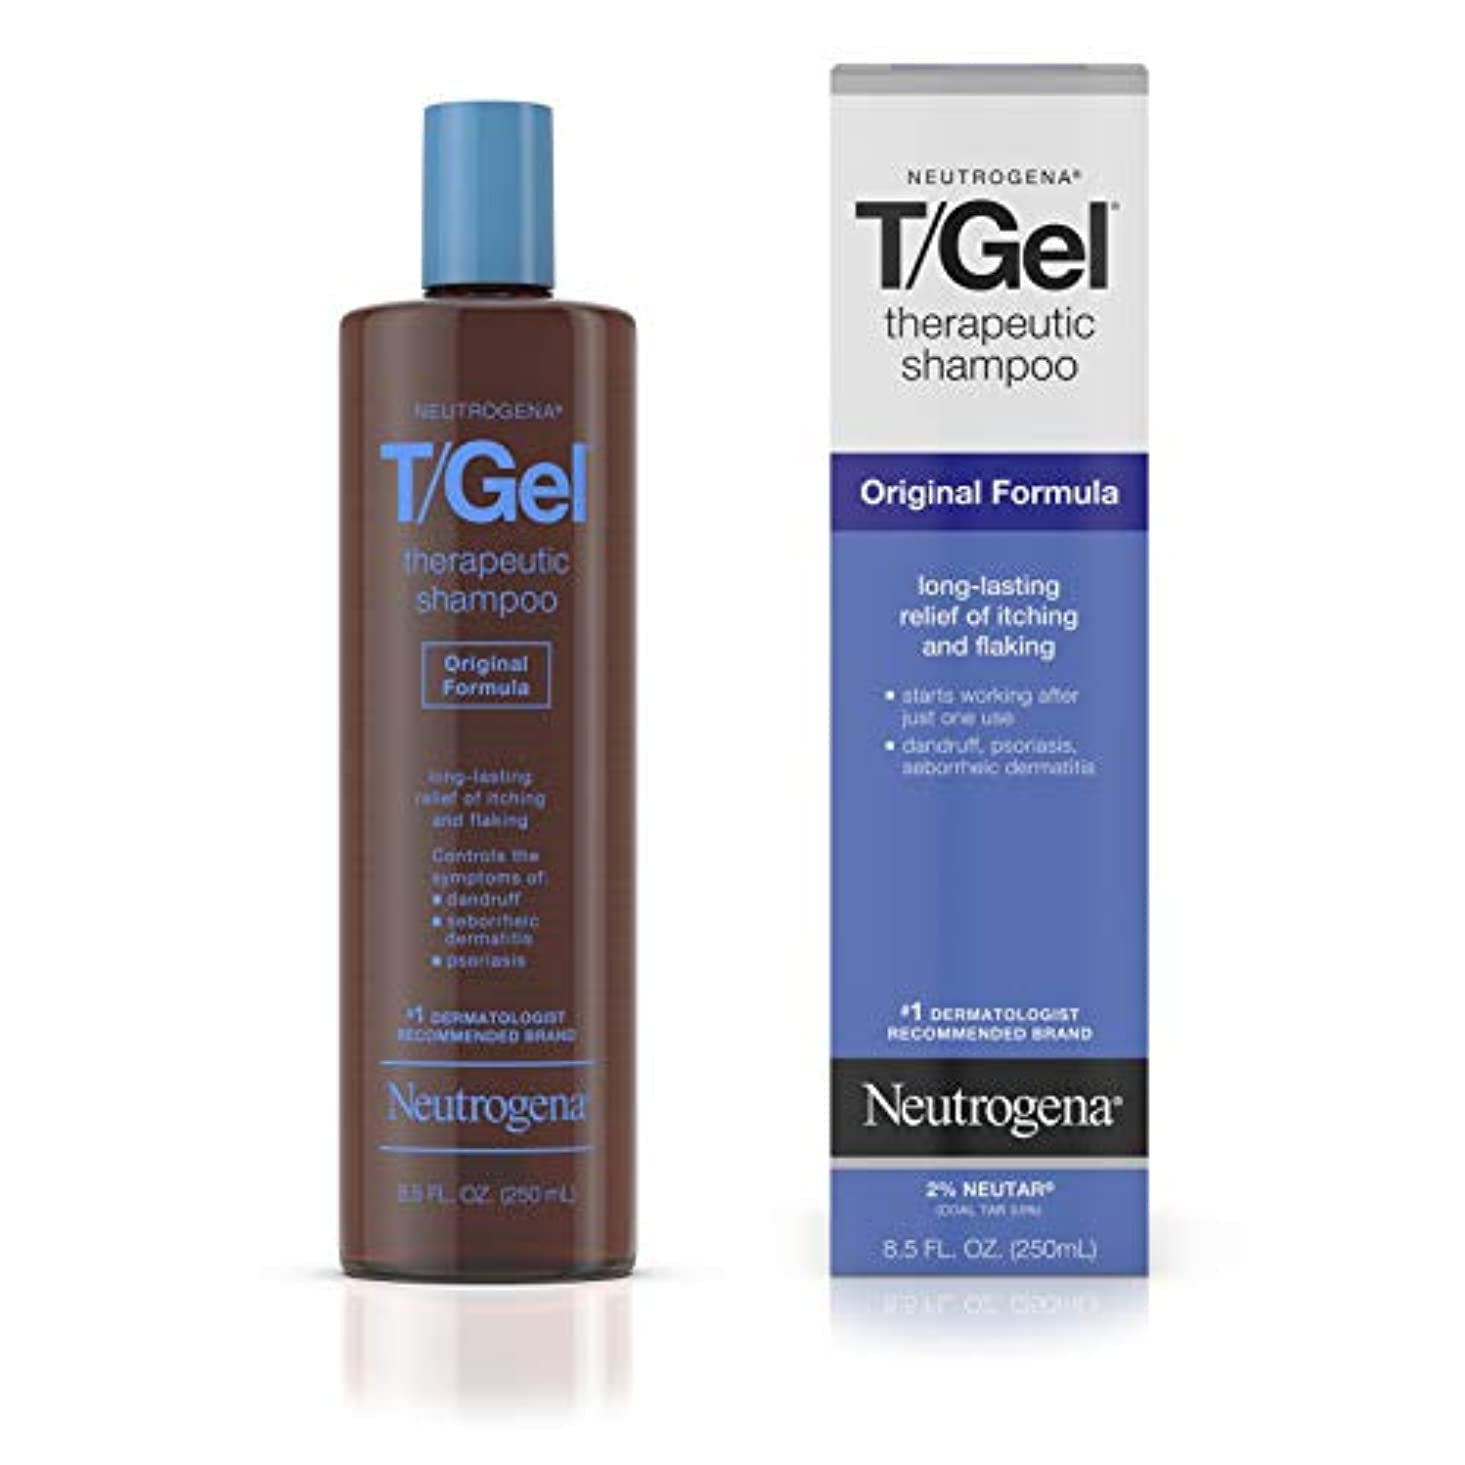 滝ペインギリック足枷Neutrogena T/Gel Shampoo Original 250 ml (並行輸入品)